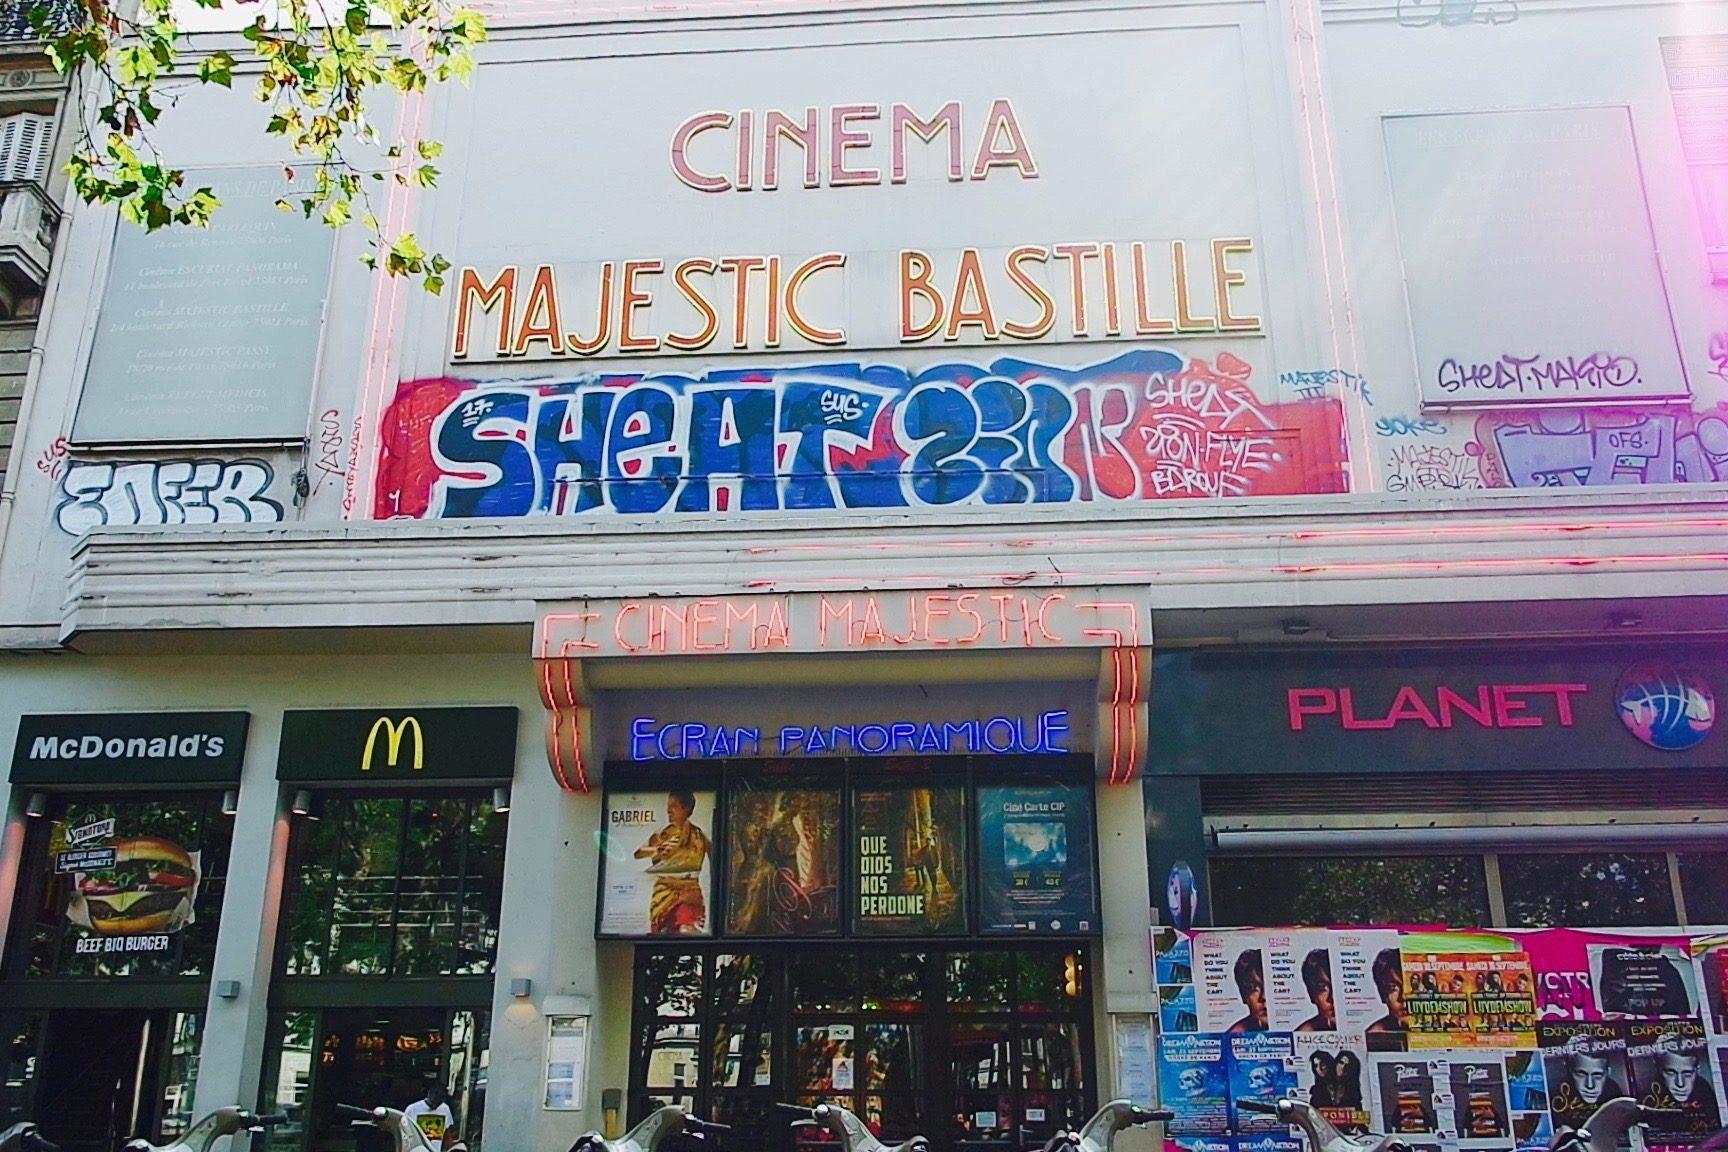 Le Majestic Bastille, l'esprit d'un cinéma de quartier